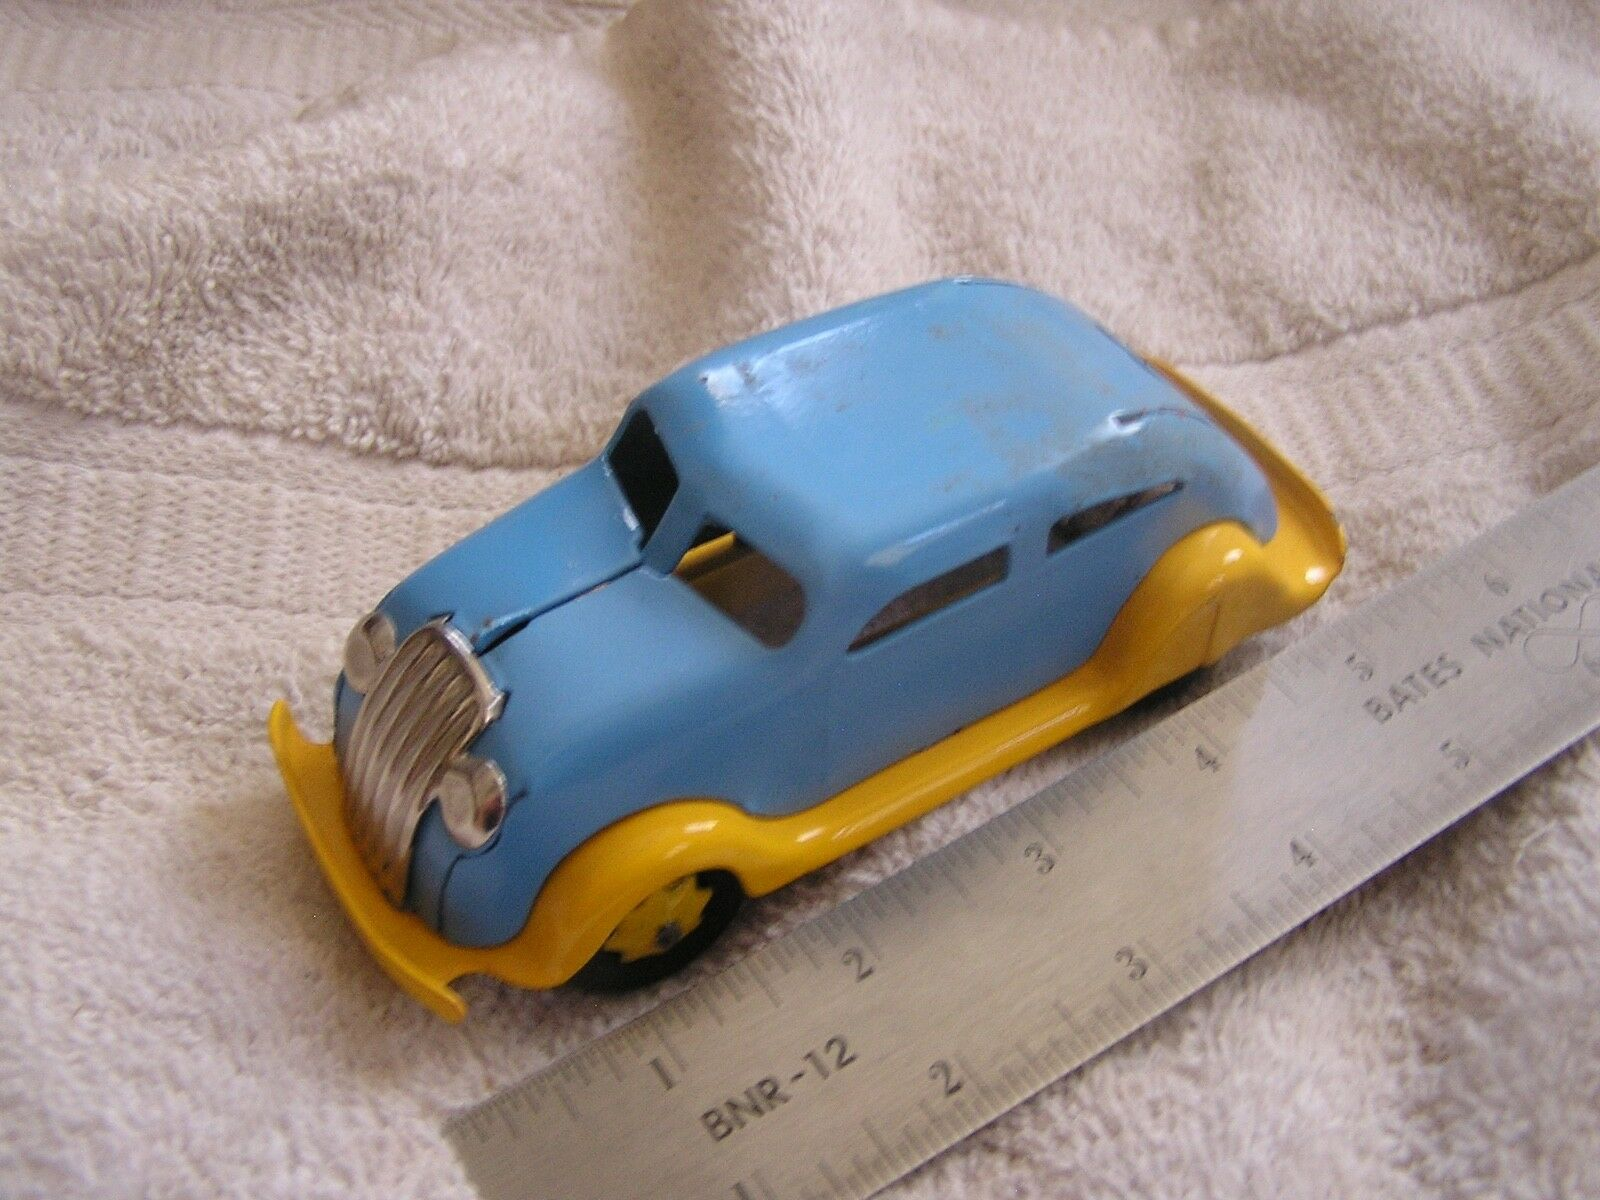 nuevo estilo Década de 1930 Chrysler el flujo de aire aire aire Metal Coche de juguete  tienda en linea